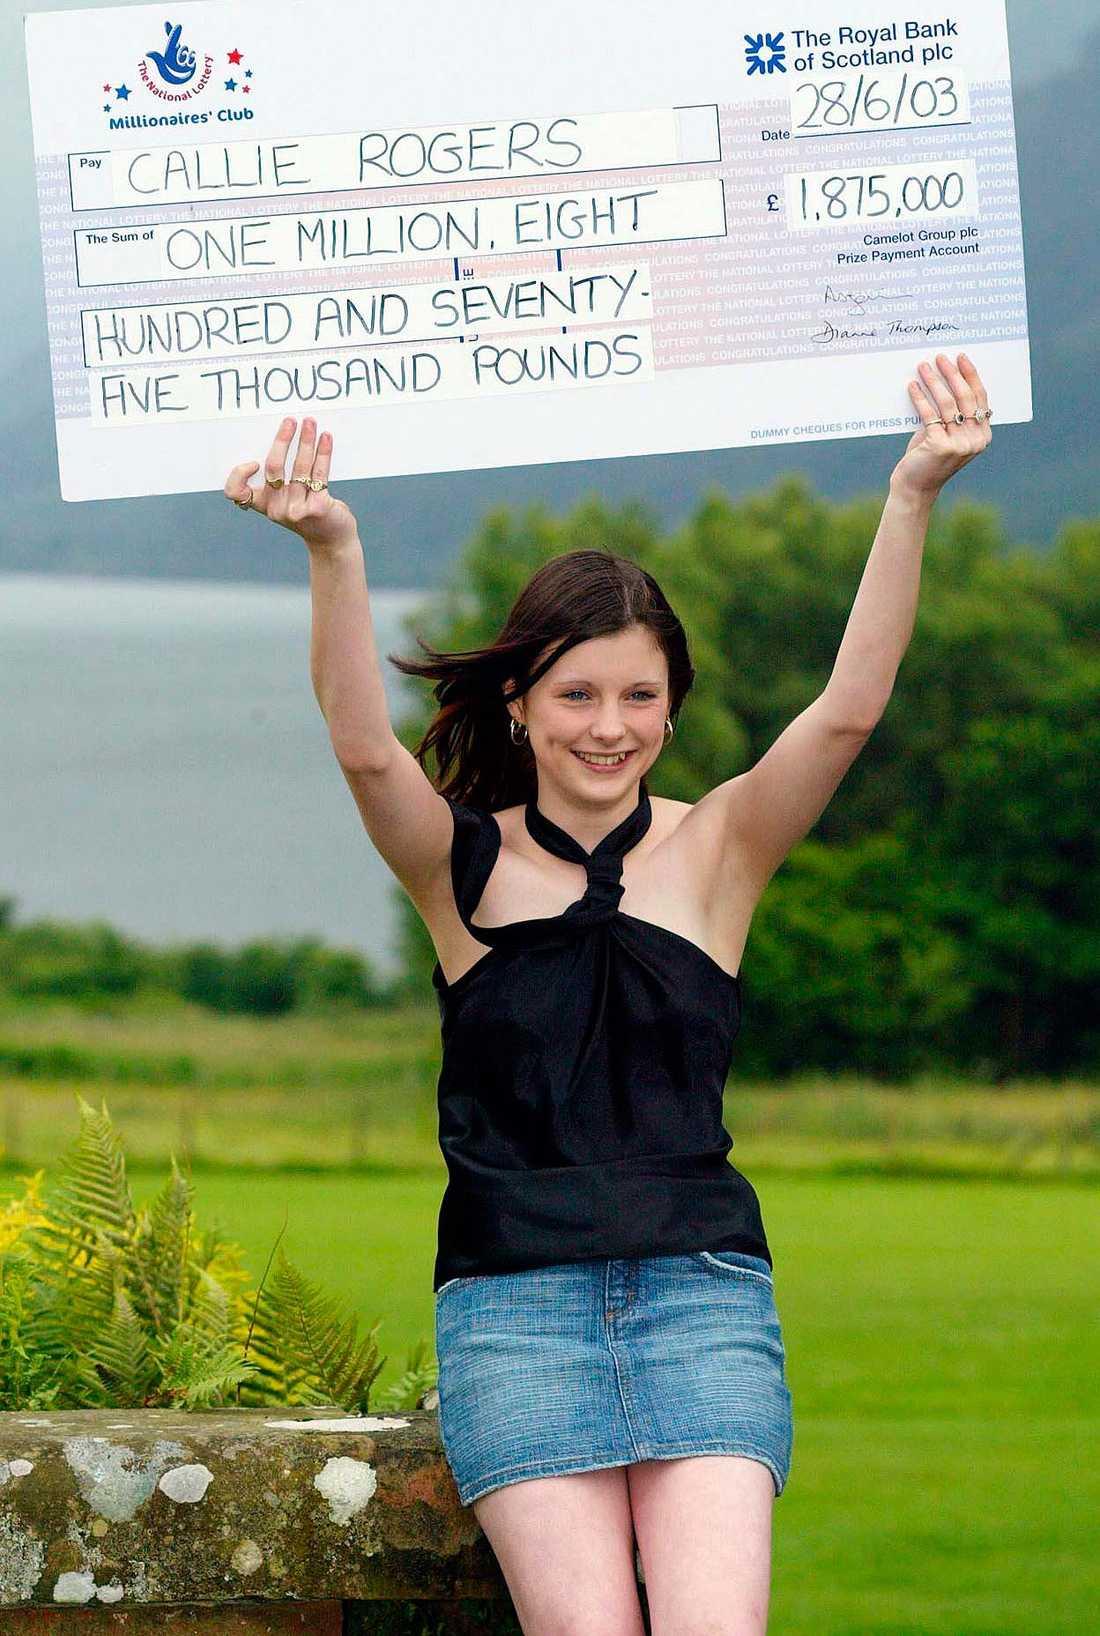 Tidernas yngsta miljonvinnare Callie Rogers vann 1,9 miljoner pund 2003, endast 16 år gammal.